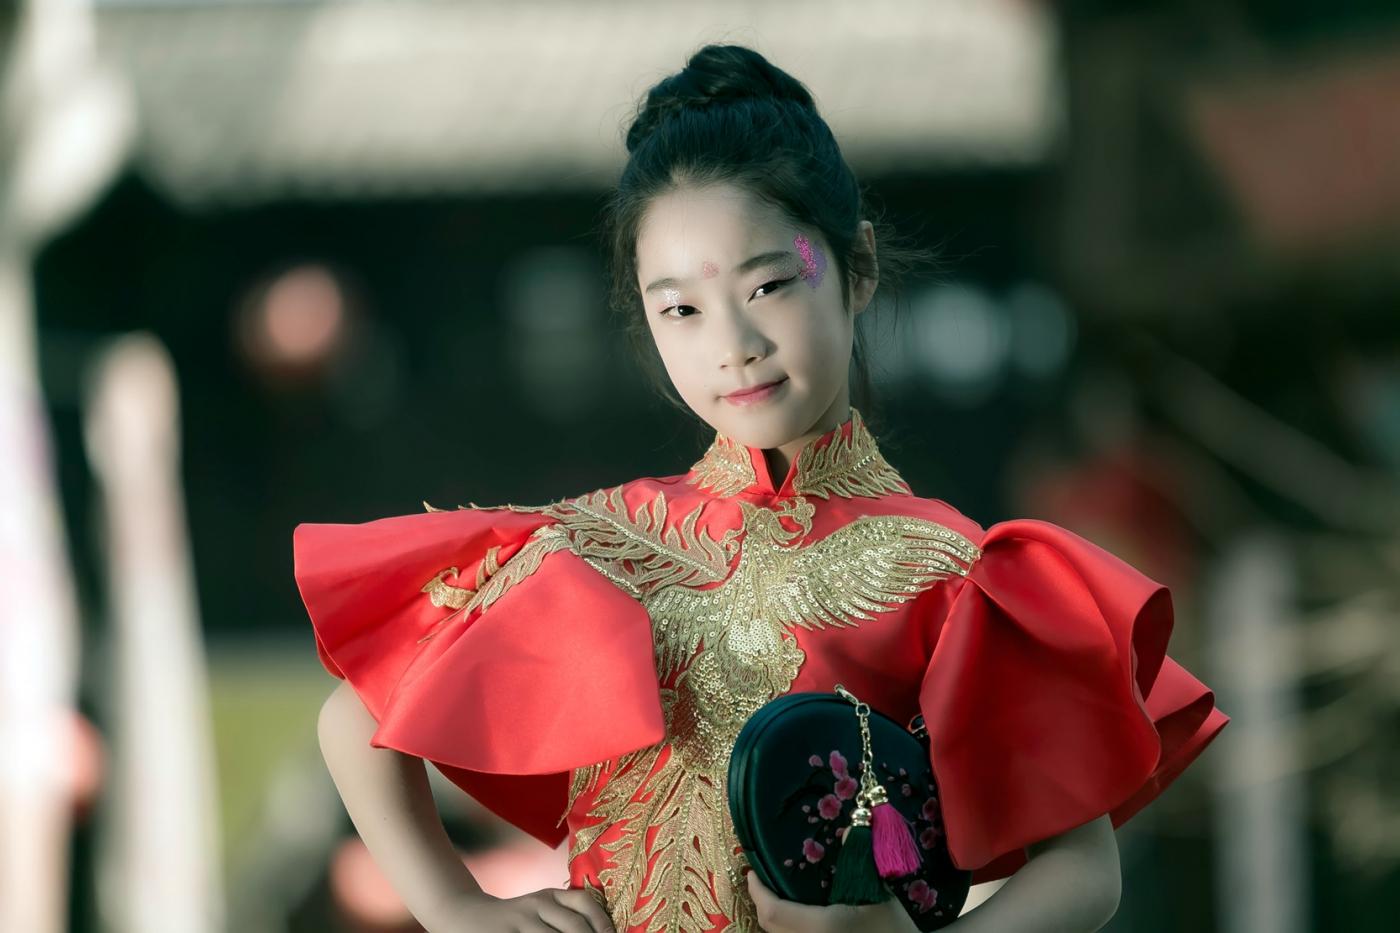 沂蒙娃娃穿上礼服走上show台 有个女孩特别萌 礼仪就要从娃娃抓起 ..._图1-19